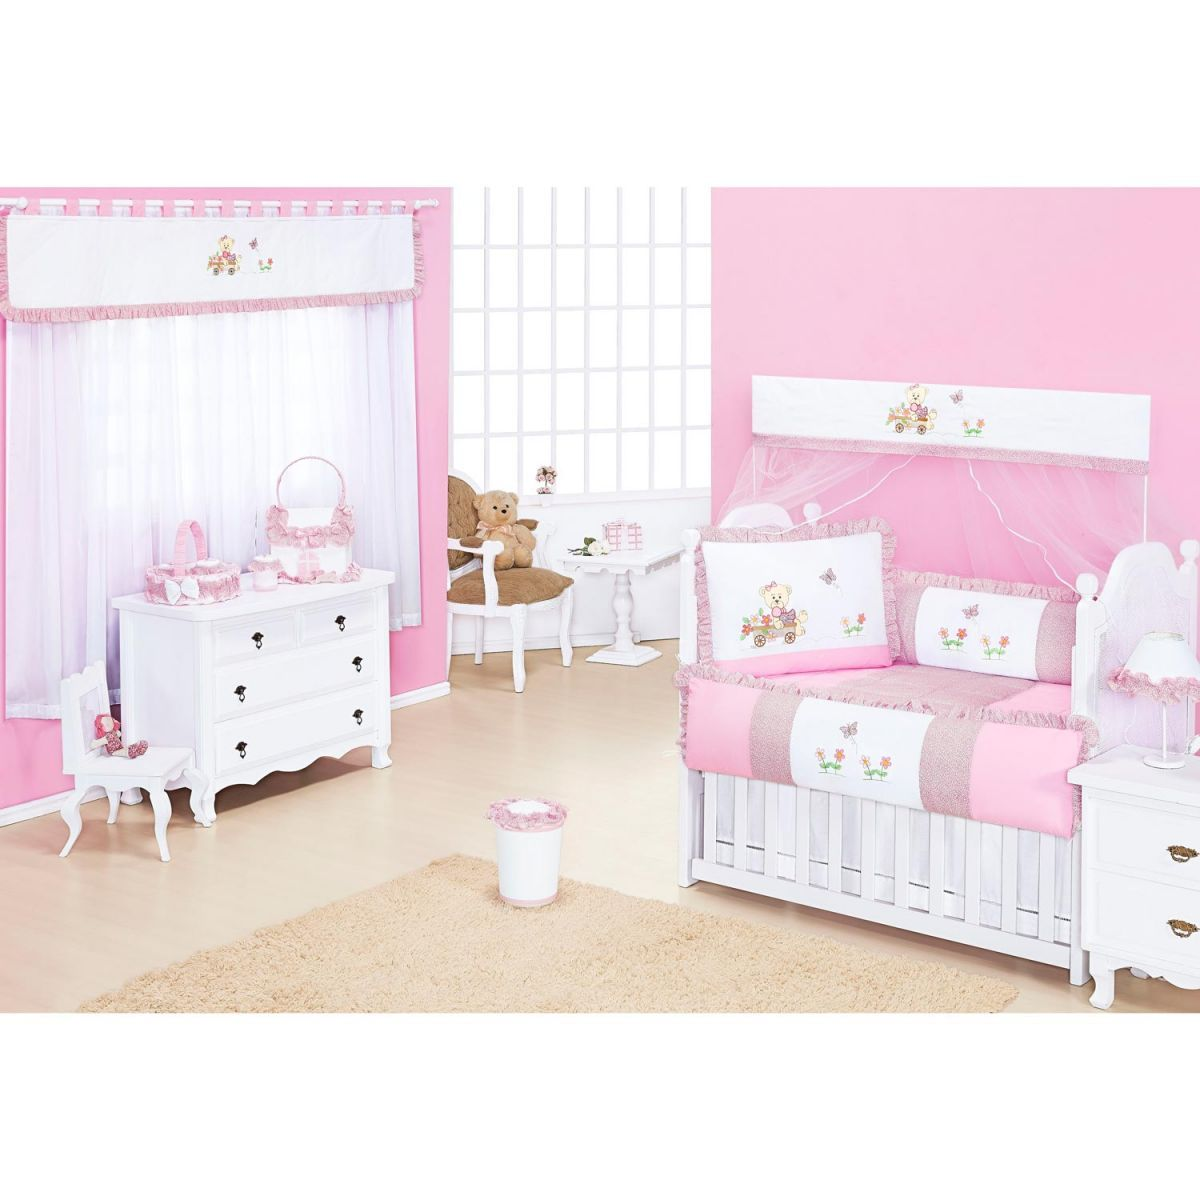 Coleção Completa para Quarto de Bebê Ternura Rosa - 18 Peças